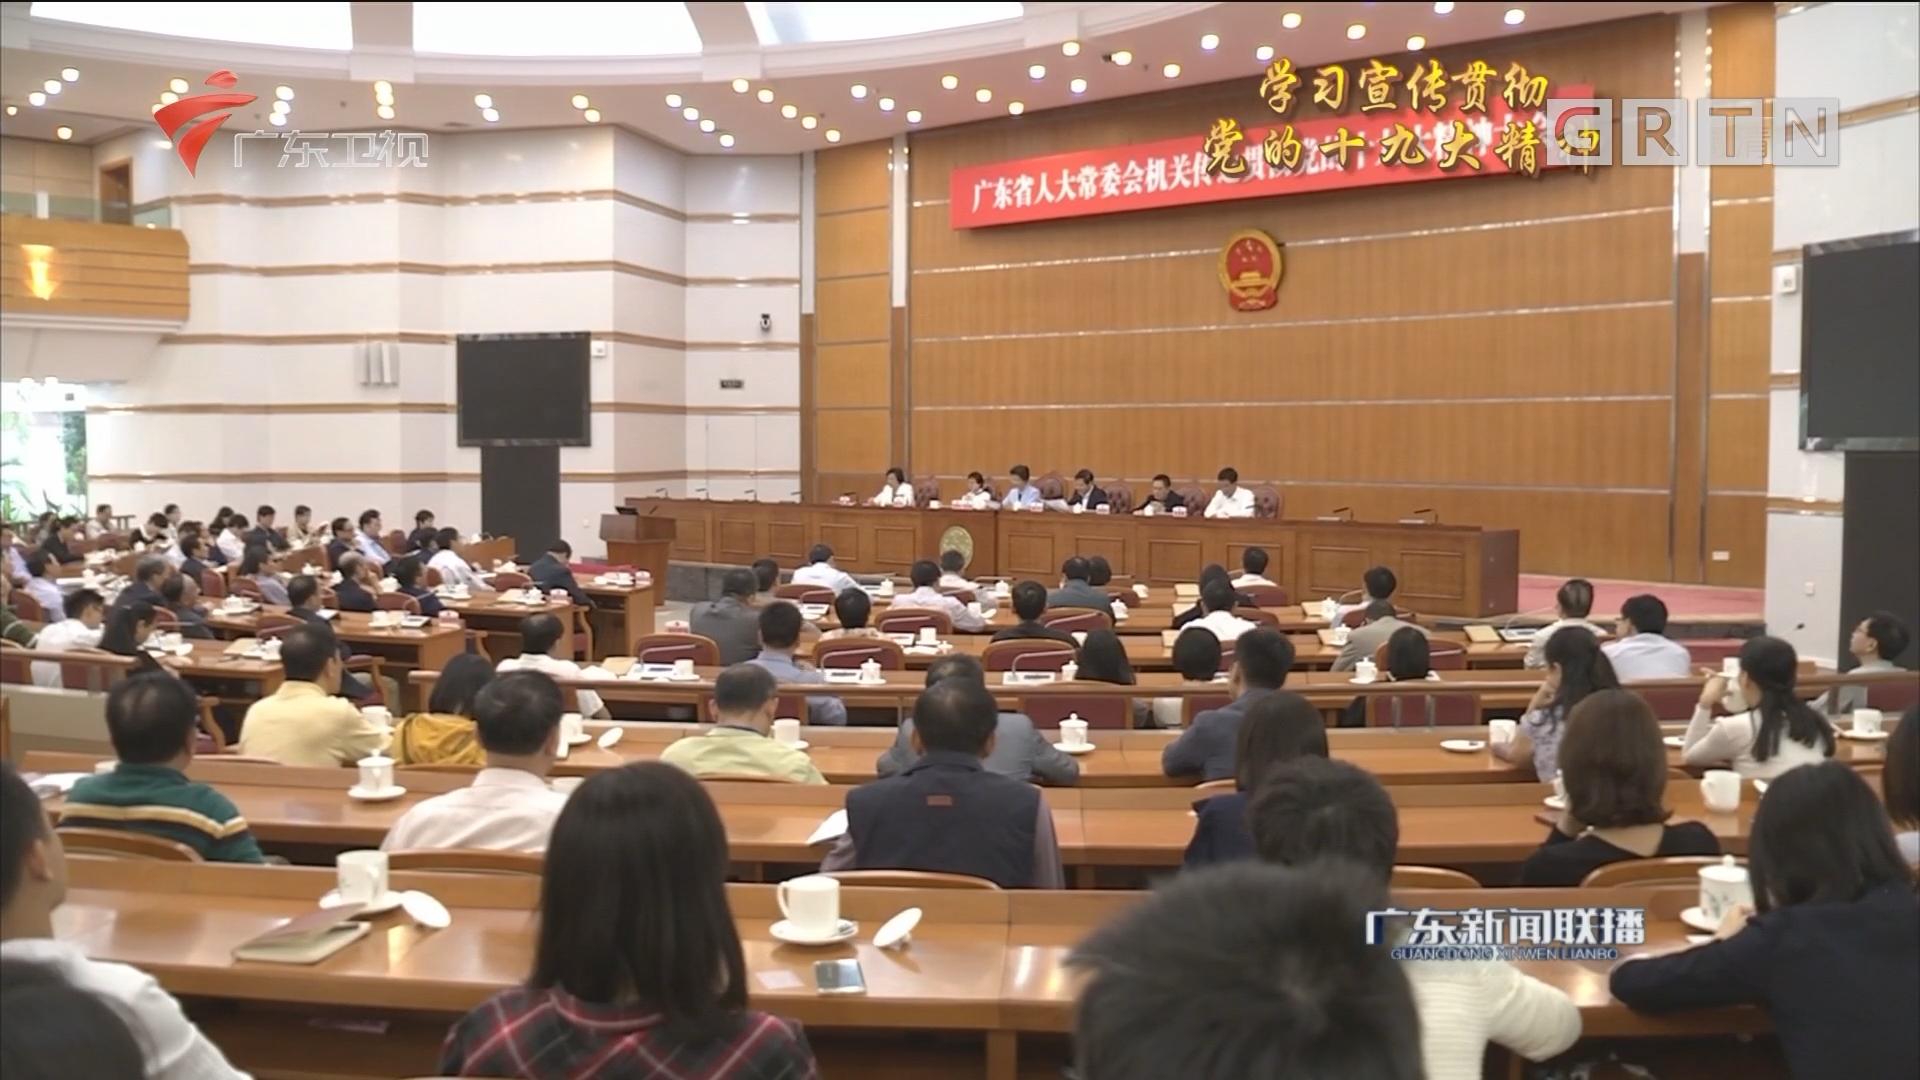 广东省人大常委会召开传达贯彻党的十九大精神大会